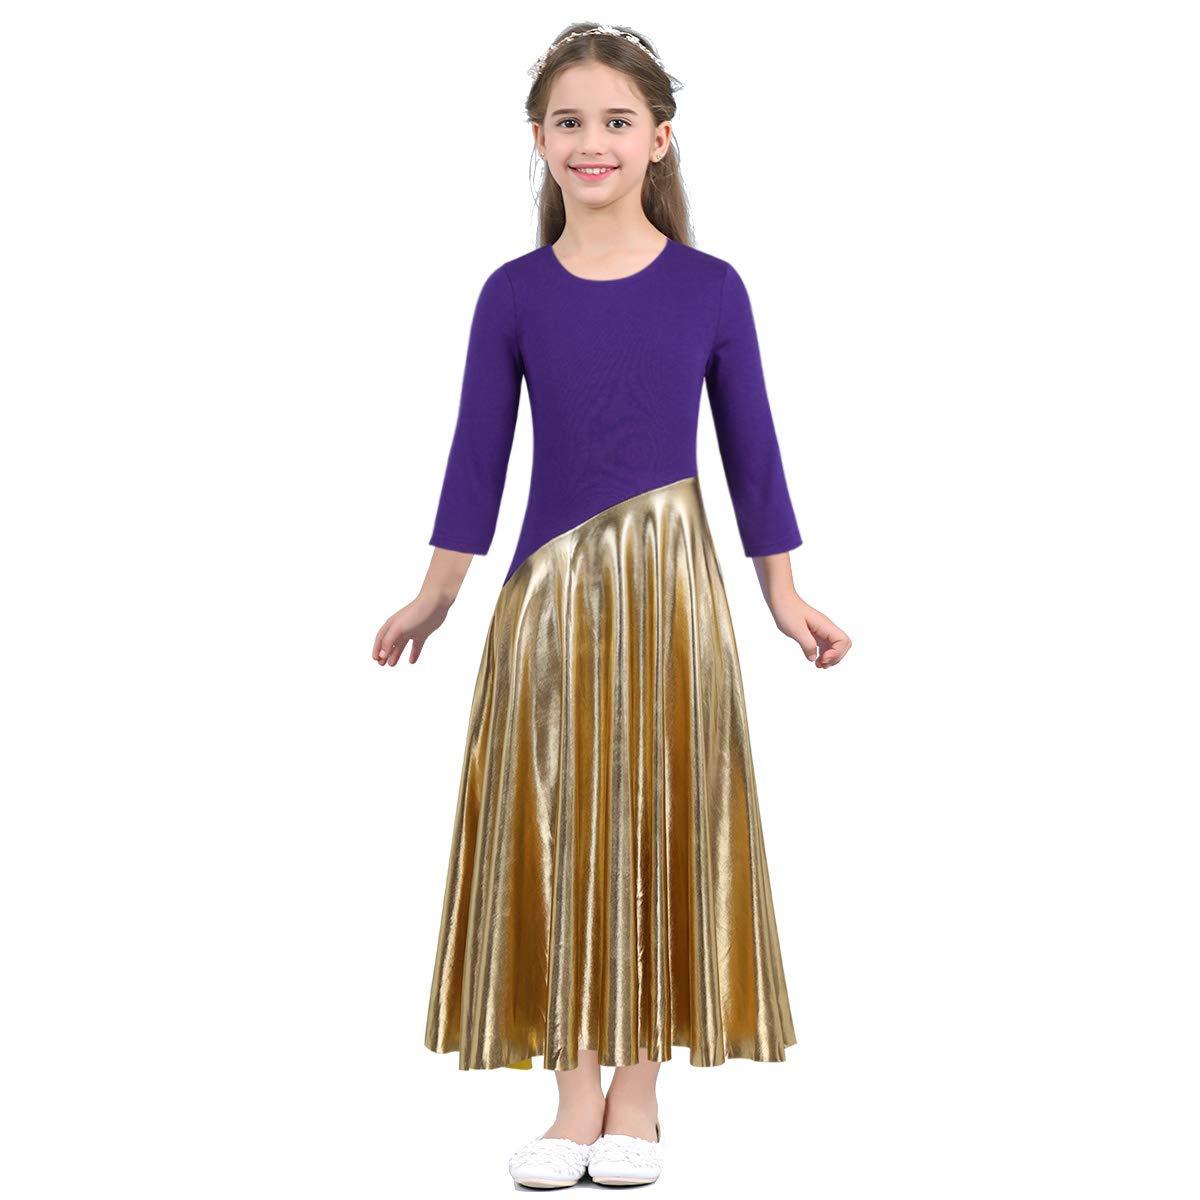 【タイムセール!】 Freebily Freebily 14 DRESS ガールズ 14 Purple B07H3R8S54 14 Purple ˆsplice‰ Purple ˆsplice‰ 14, TANI INTERNATIONAL STORE:e614d598 --- domaska.lt